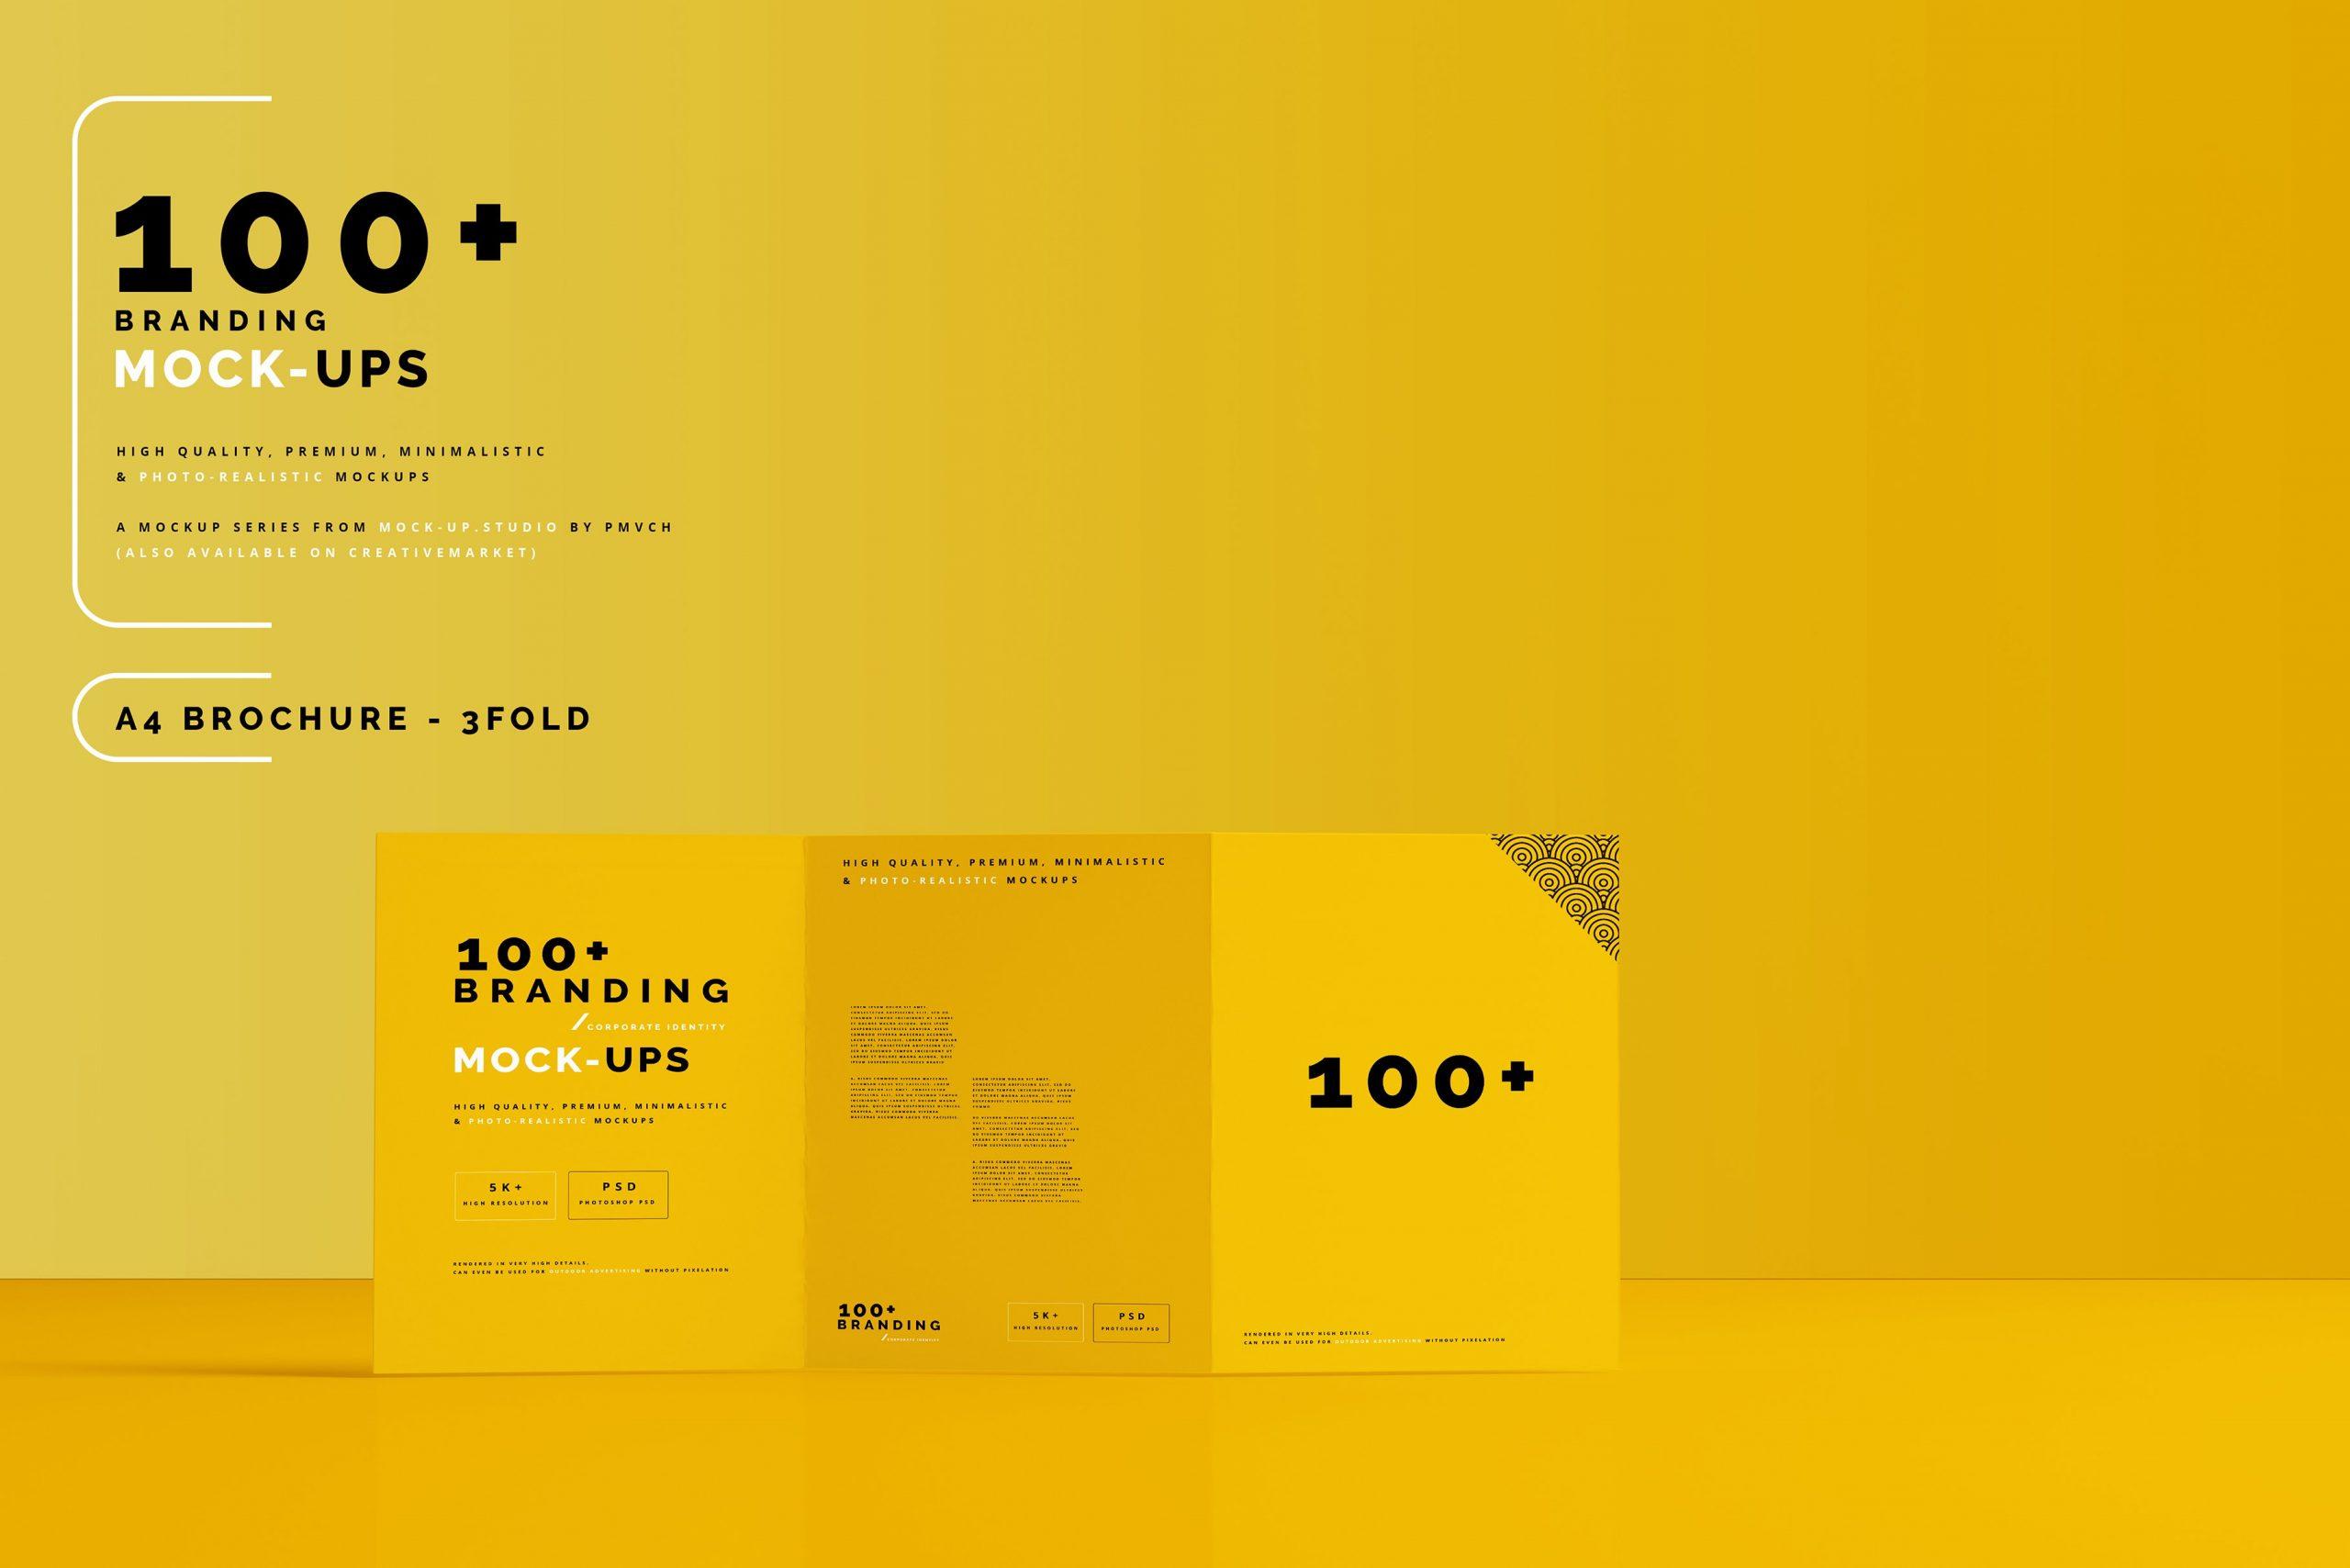 VI样机:100多个宣传册书籍瓶子名片CD封套咖啡杯化妆品海报横幅高分辨率品牌PSD样机(4248)插图(22)